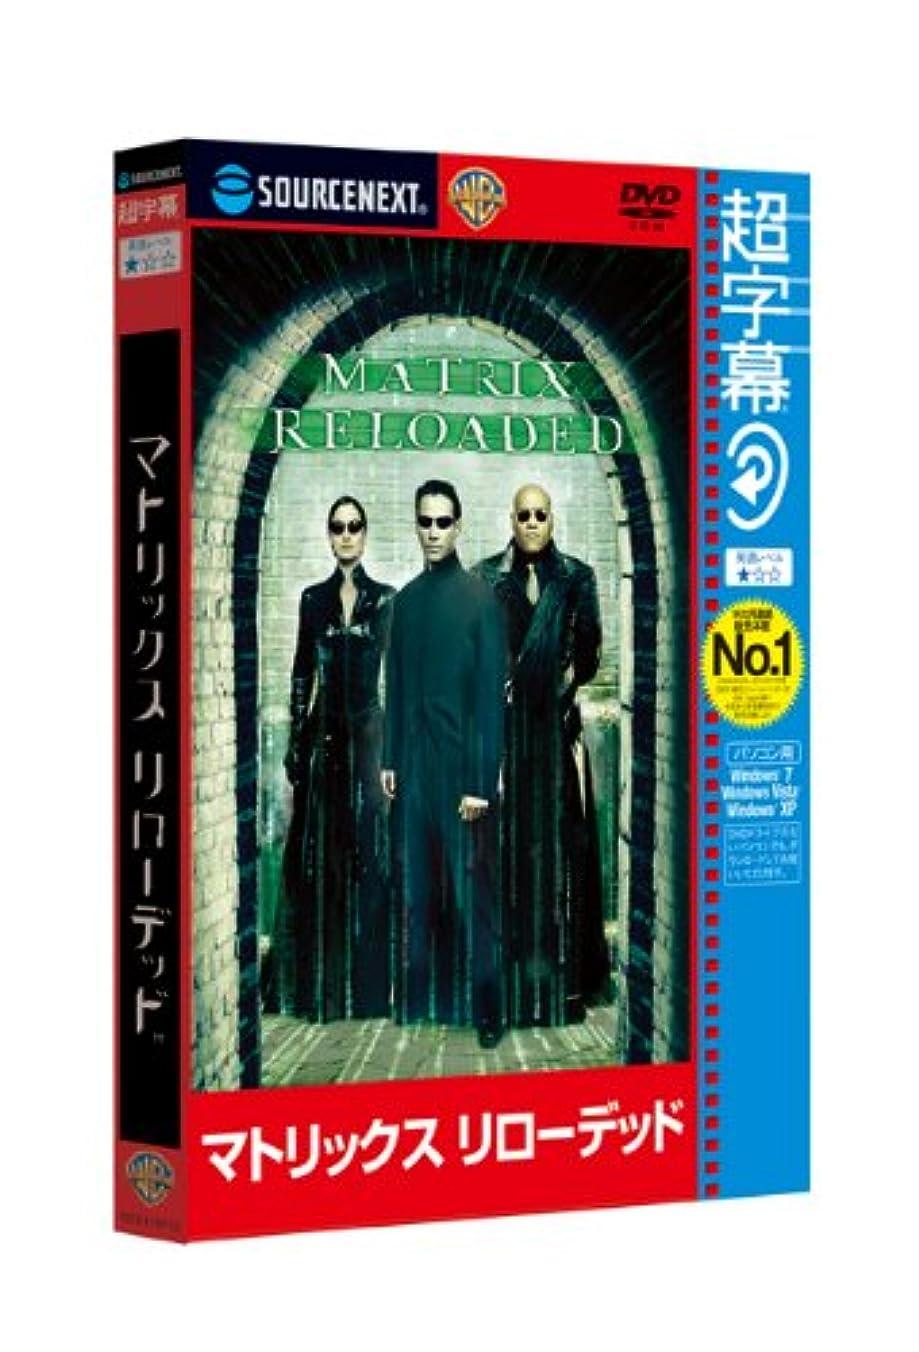 荷物回路ビル超字幕/マトリックス リローデッド (キャンペーン版DVD)